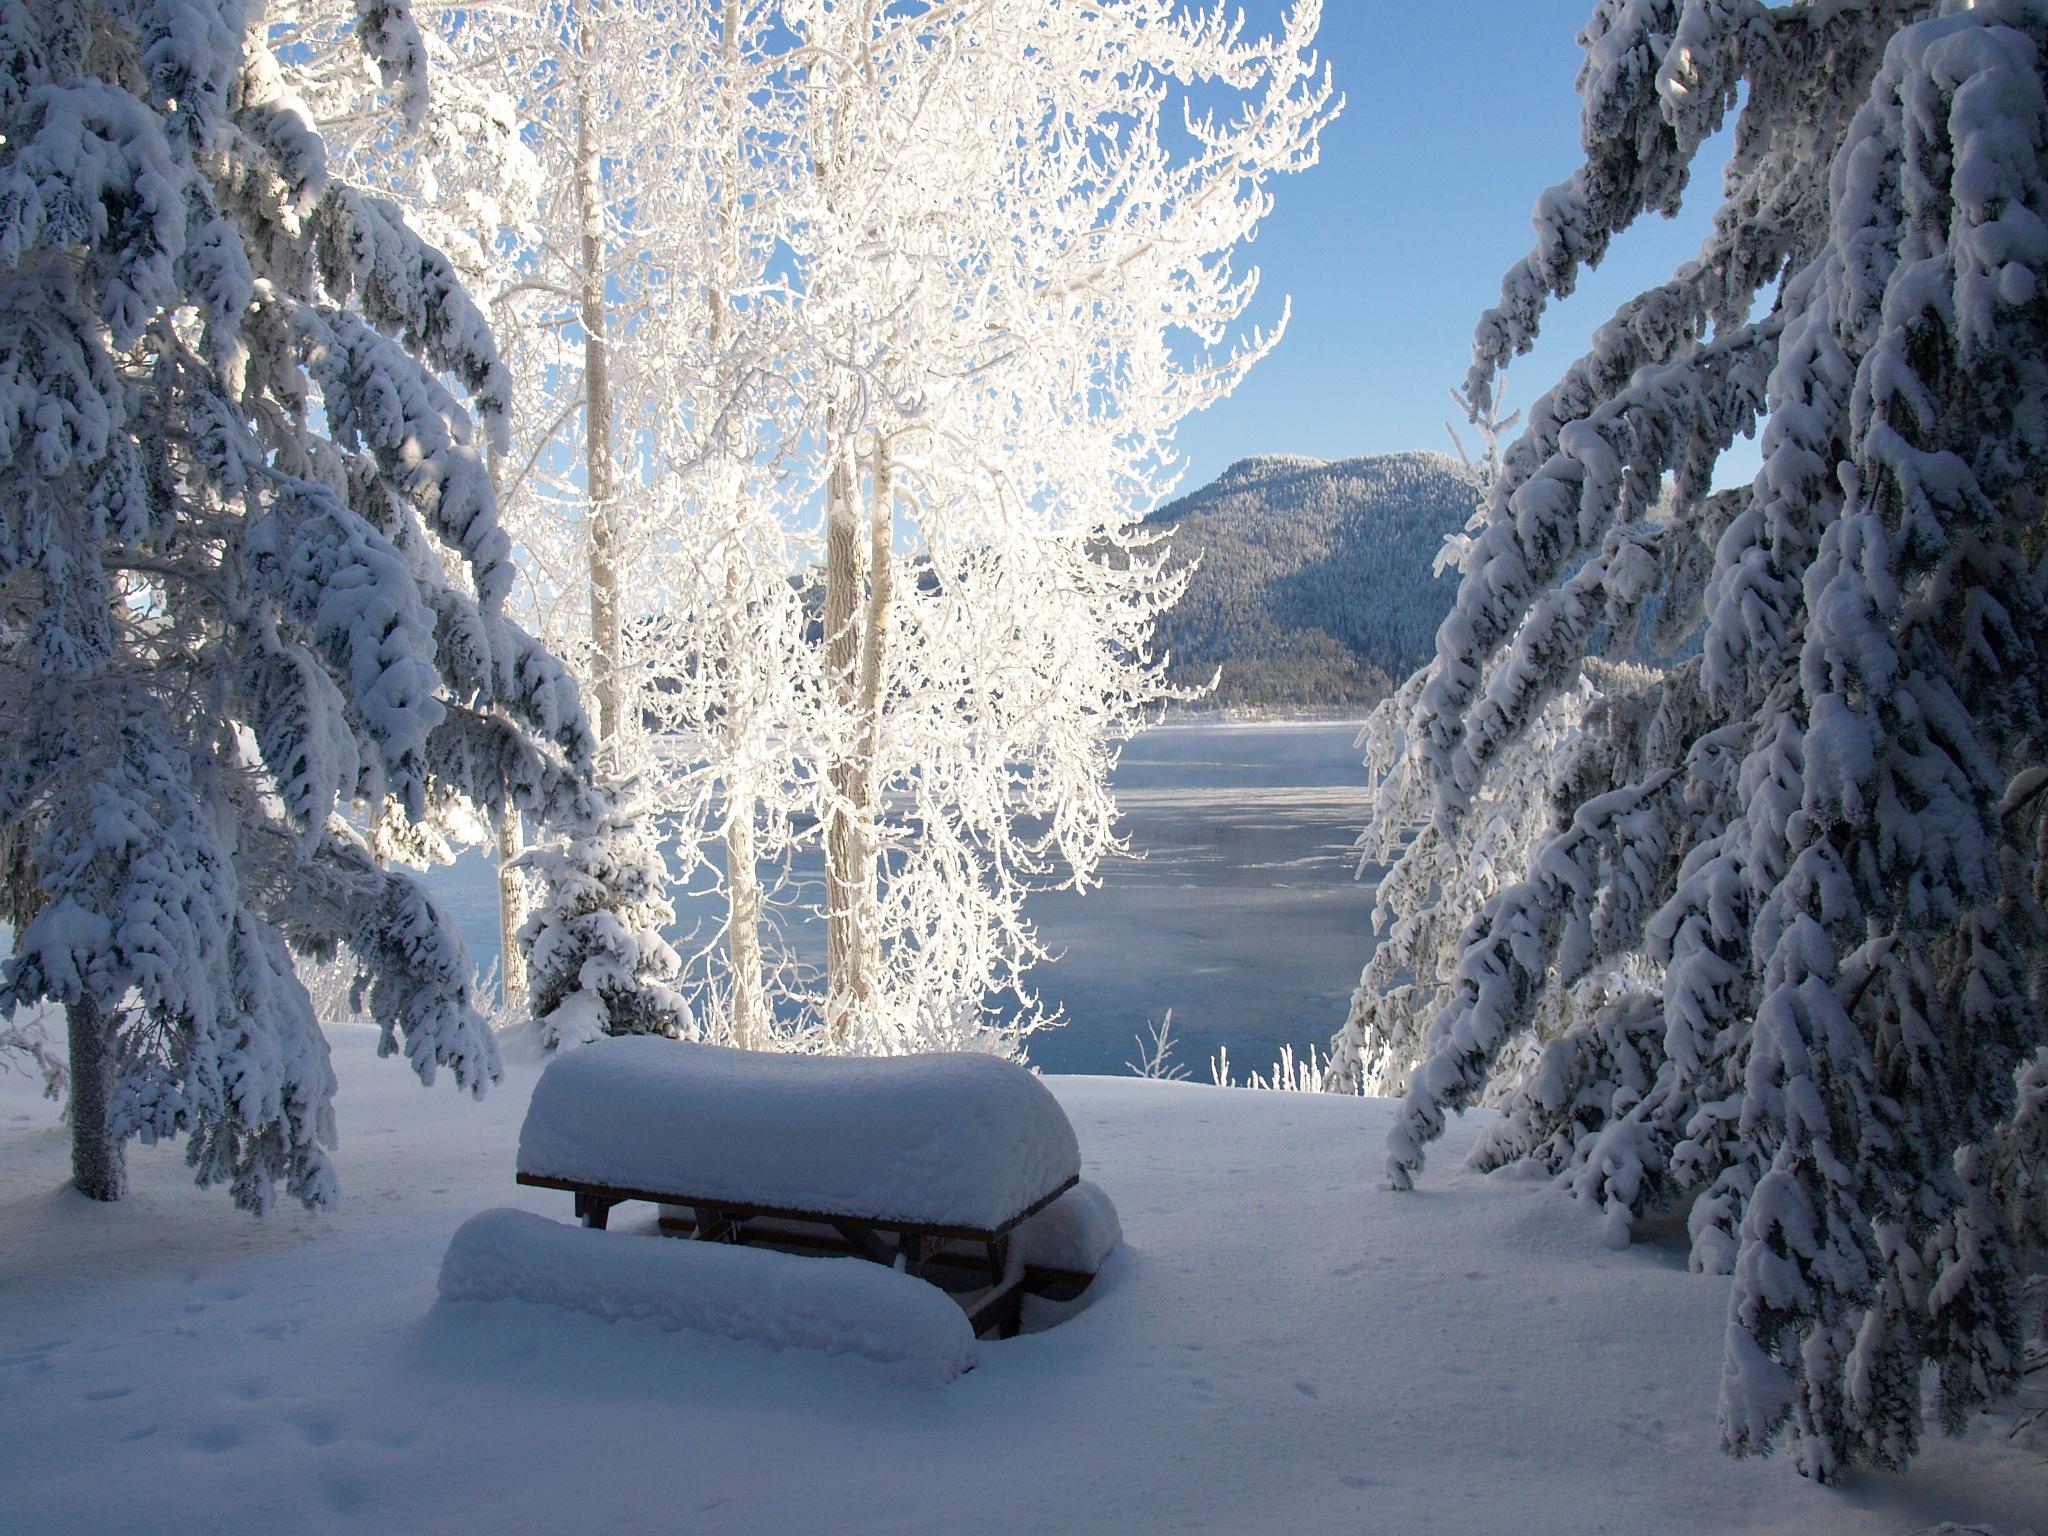 Deep Winter by Brigitte Werner